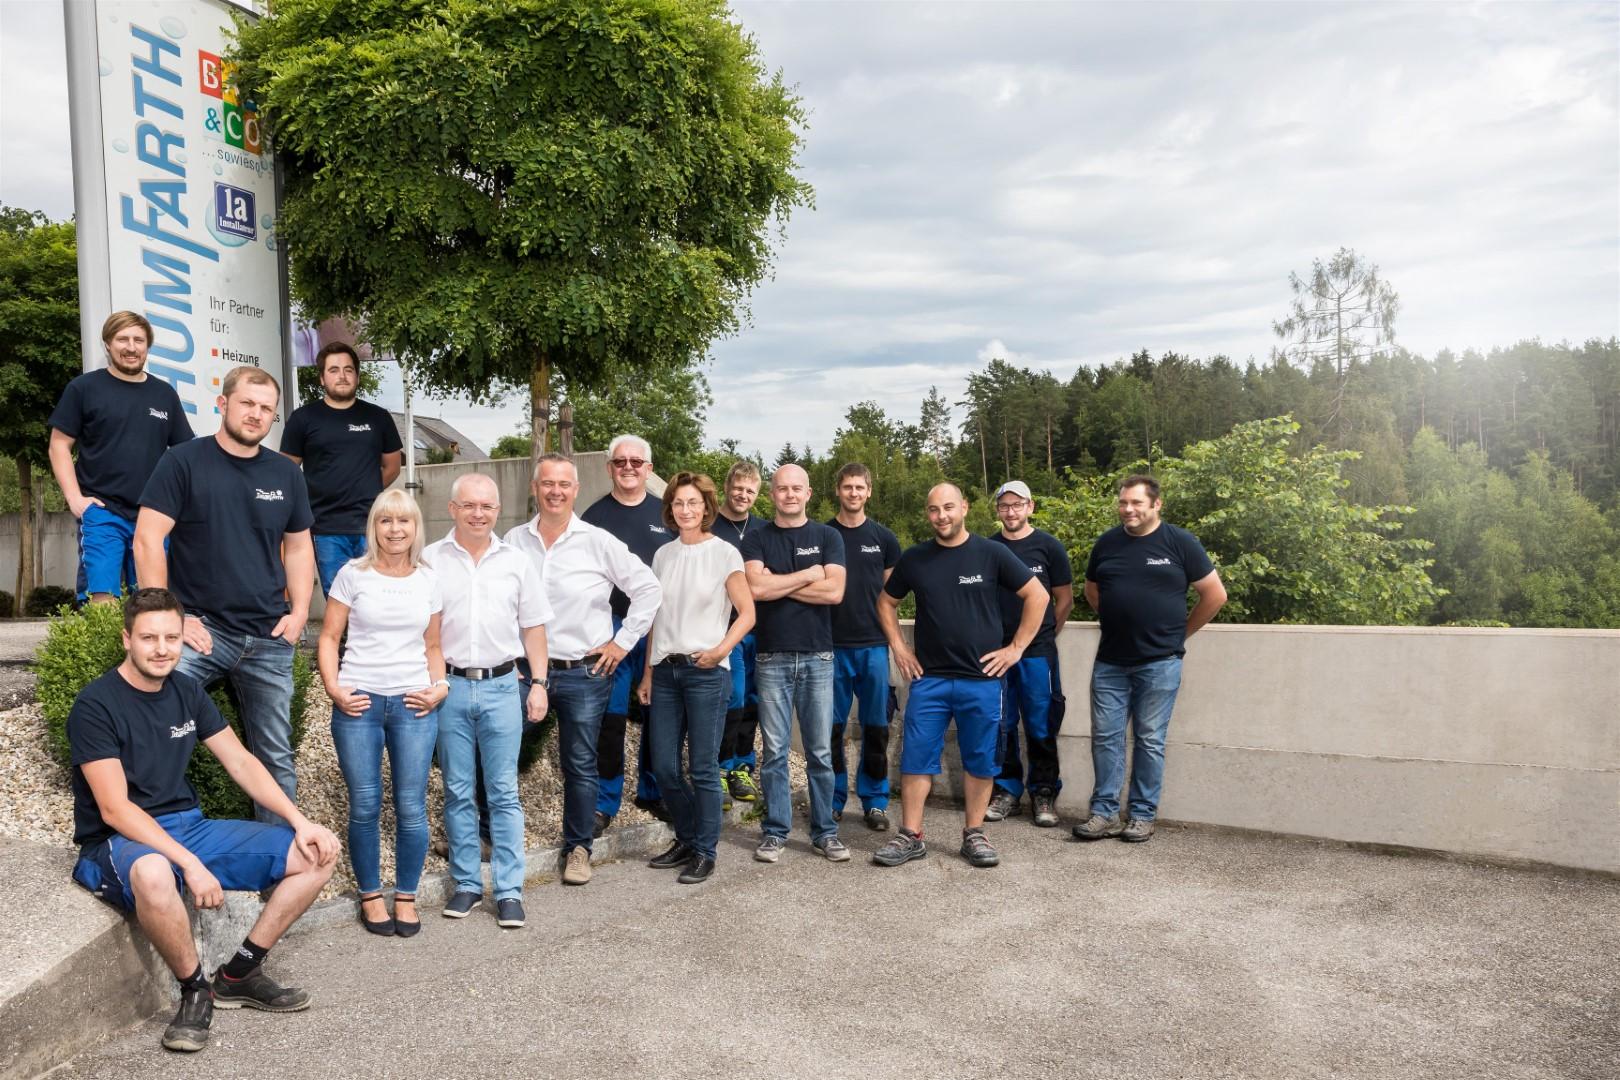 Tumfarth Team